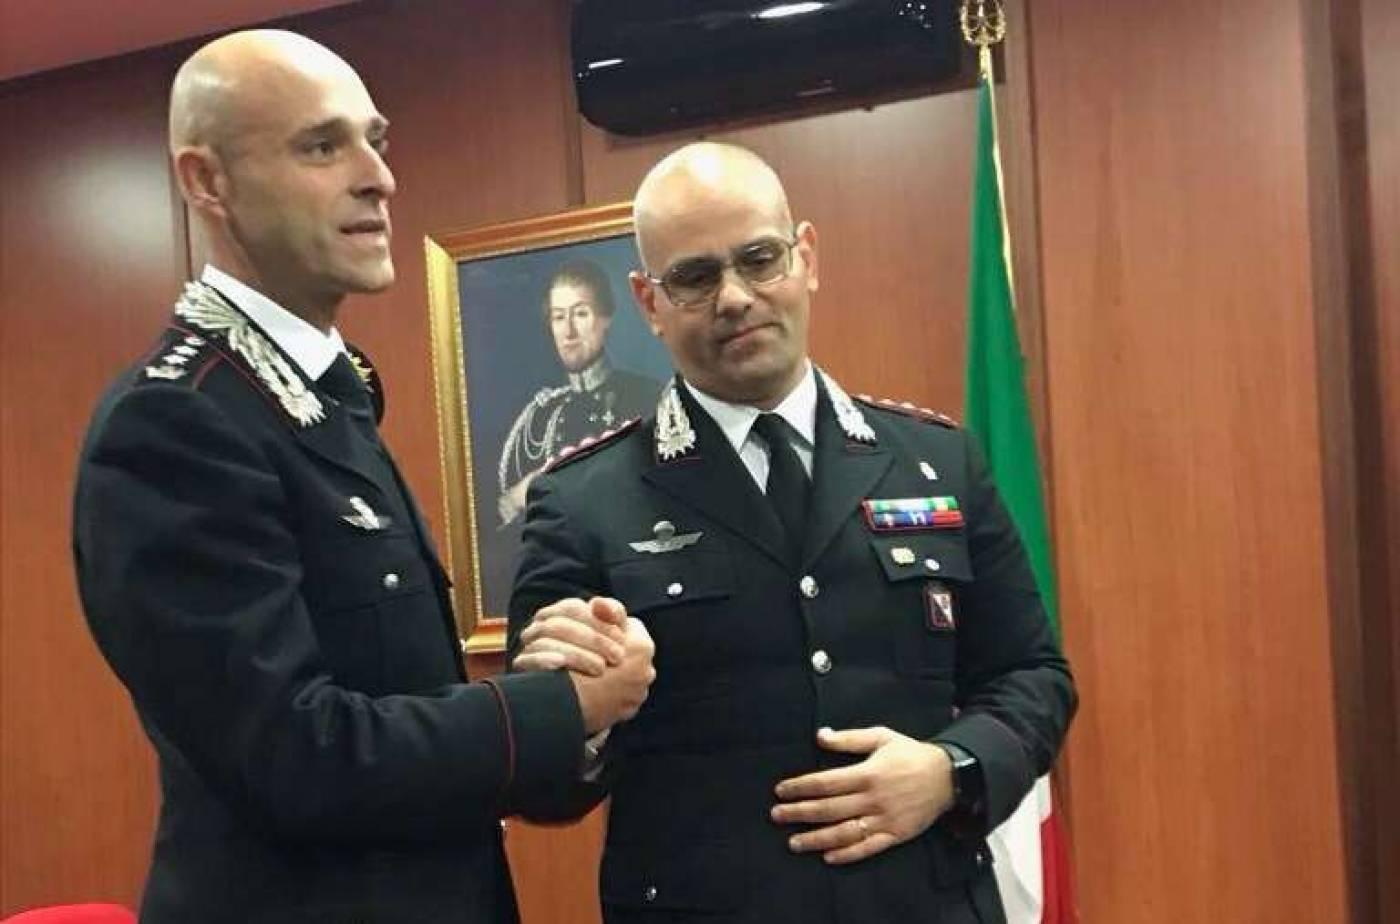 Cambio al vertice Provinciale dell'Arma: Ottaviani cede il Comando a Sutera